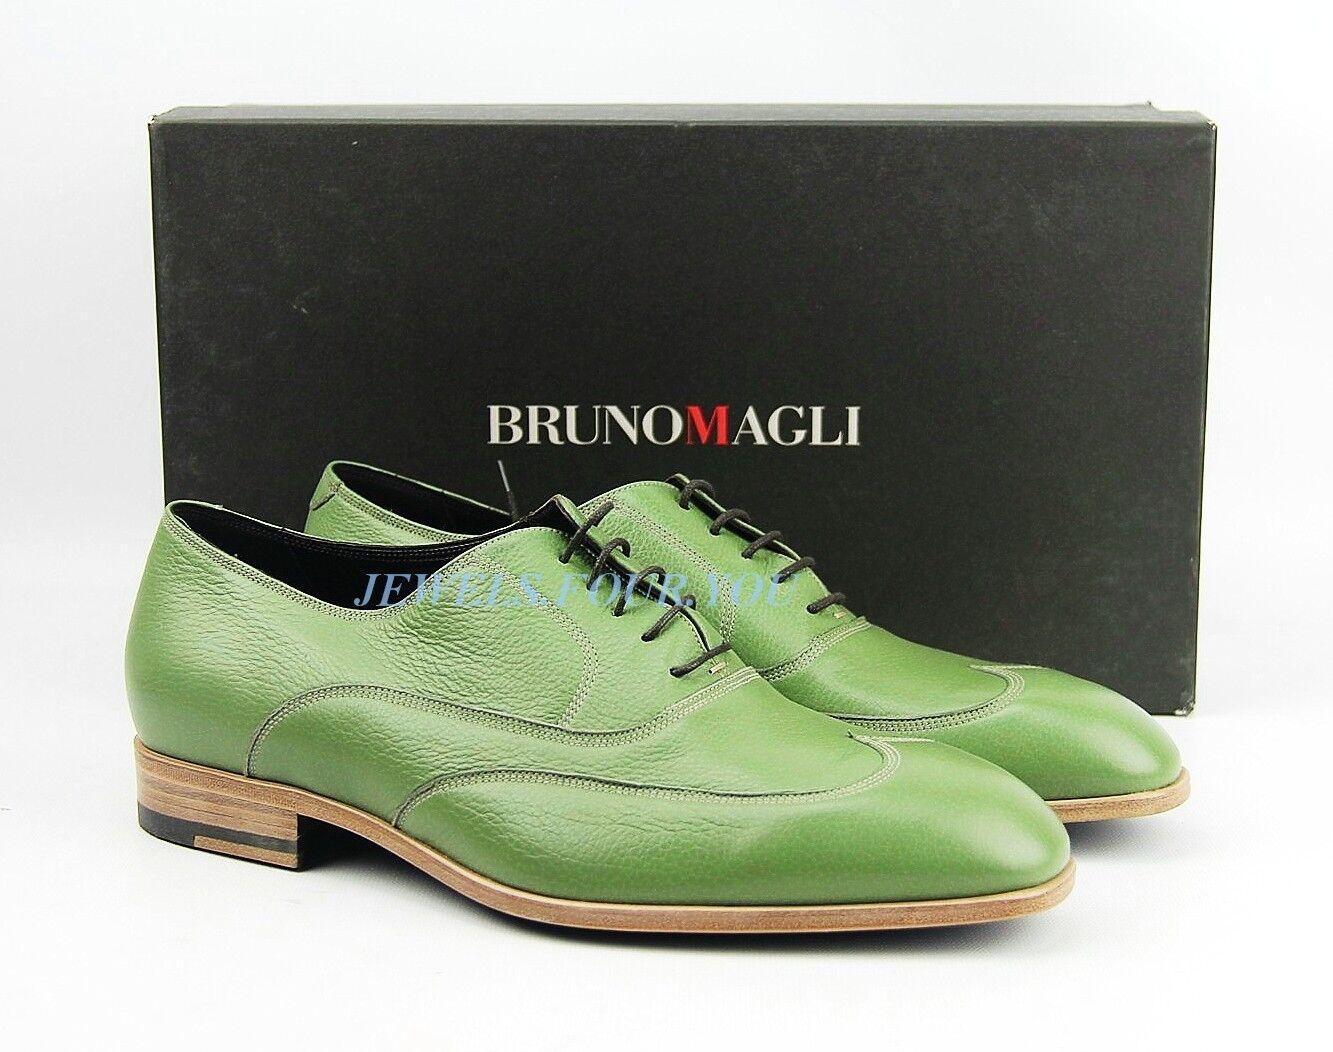 acquisti online BRUNO MAGLI TENDER verde HANDMADE scarpe 100% 100% 100% DEER LEATHER ITALY NEW Dimensione 9   3  con il prezzo economico per ottenere la migliore marca